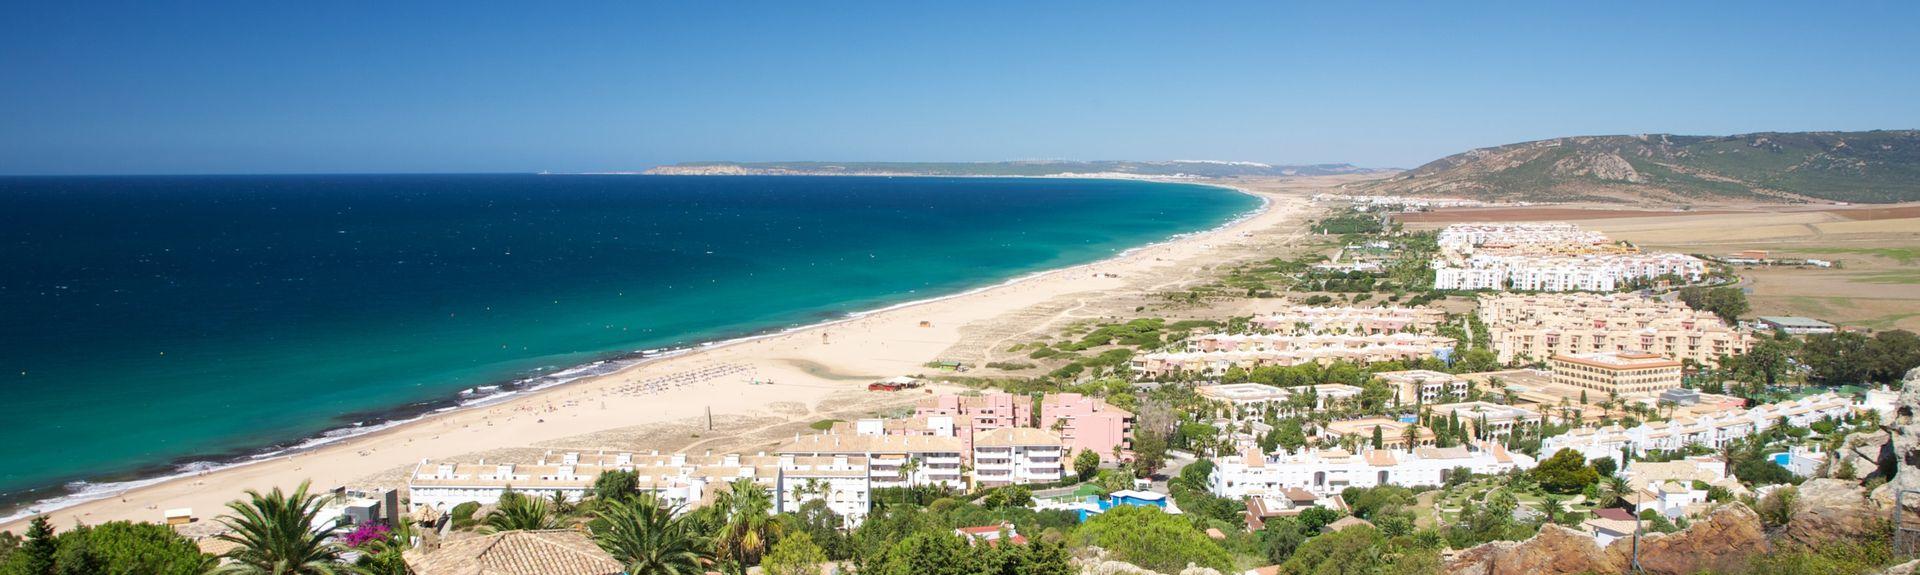 Zahara de los Atunes, Andalucía, España